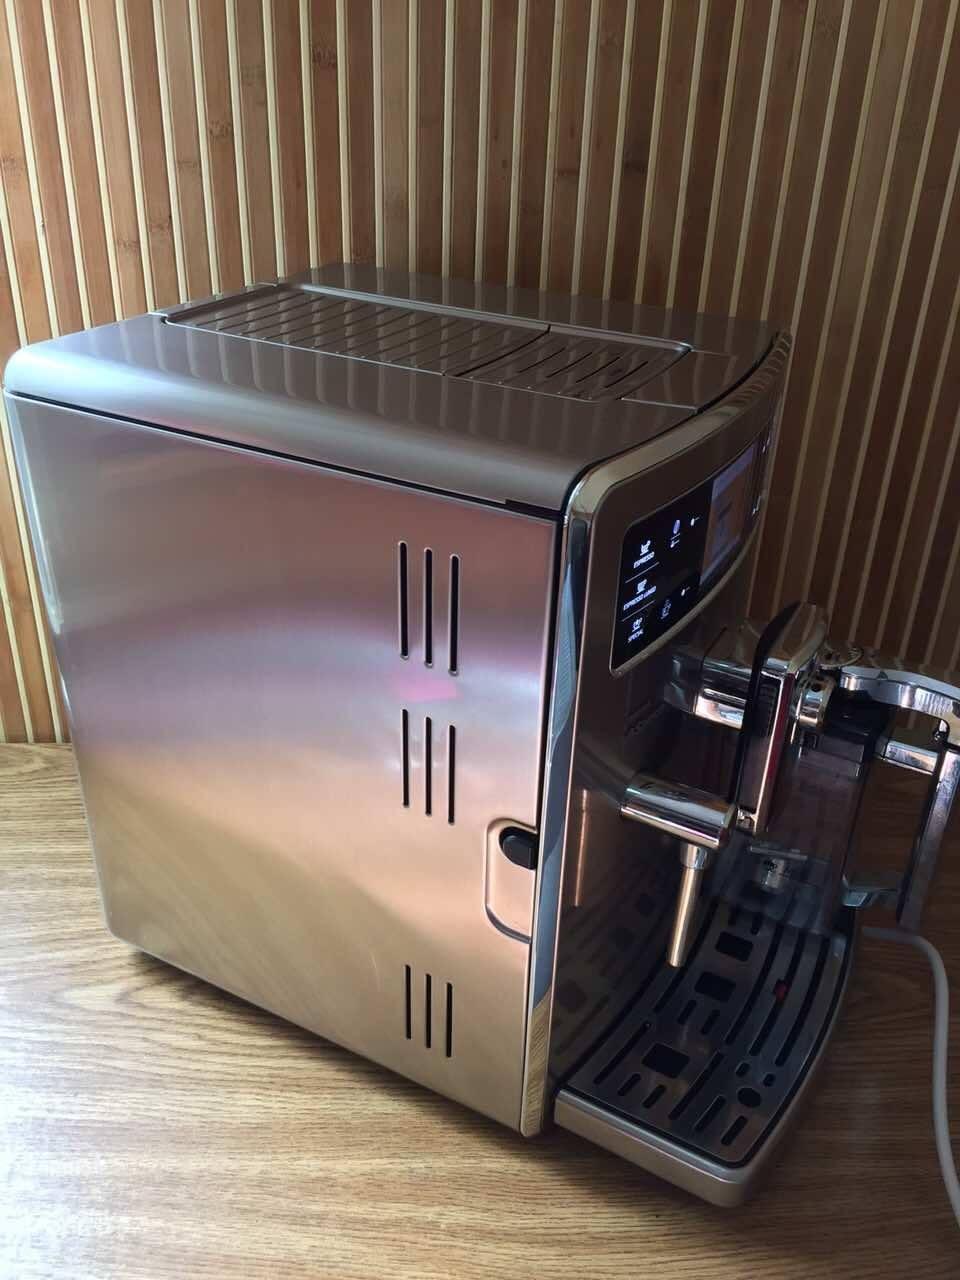 Це унікальна кавова машина! У чому ж її унікальність? Вона може запам'ятати одразу 6 рецептів, які будуть відрізнятись по 9 різних параметрах. Вона ідеально підходить великій родині, де кожен має різні уподобання щодо кави.